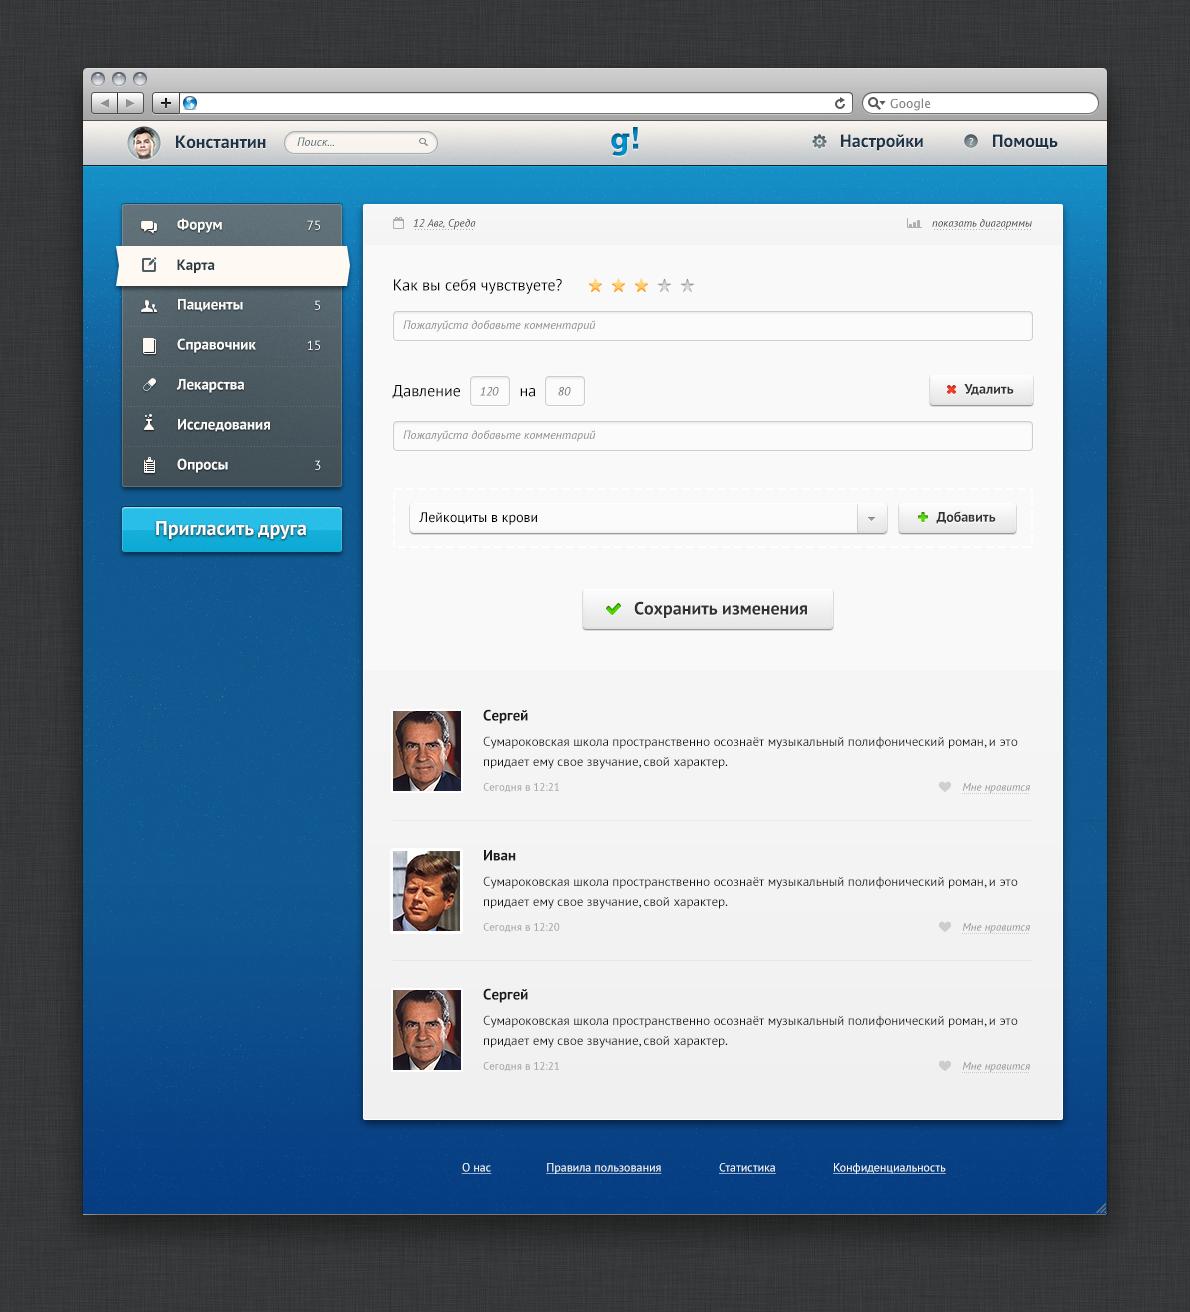 Социальная сеть для пациентов ищет дизайнера фото f_505e6a719d36f.png